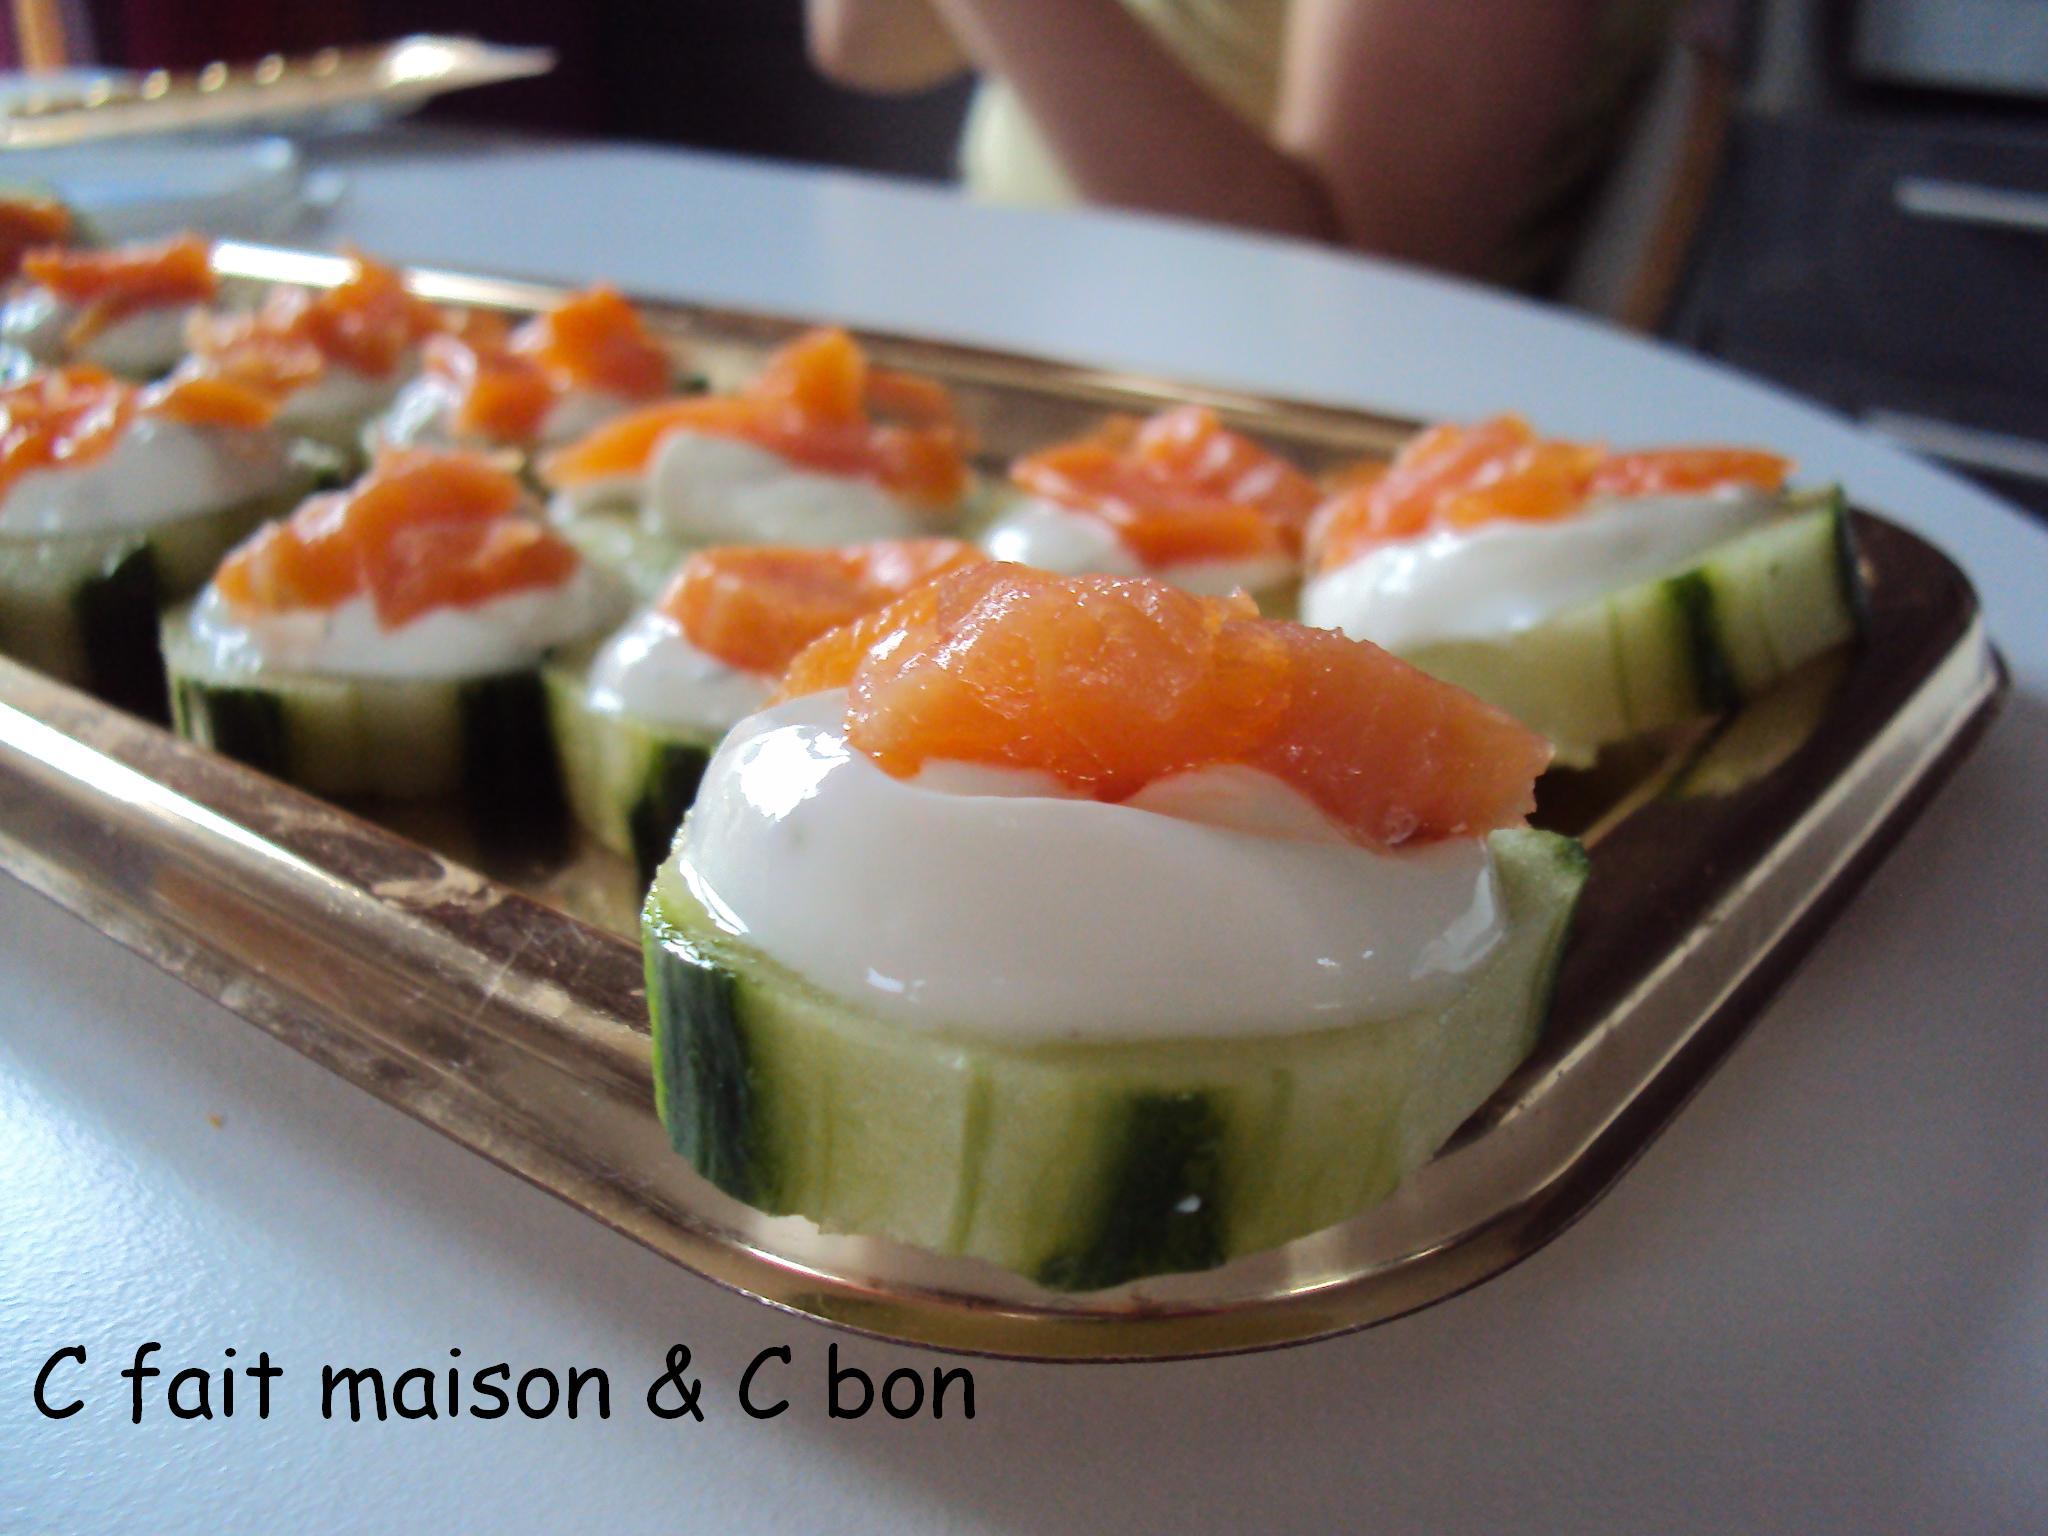 Canap s concombres saumon fum c fait maison c bon for Canape saumon